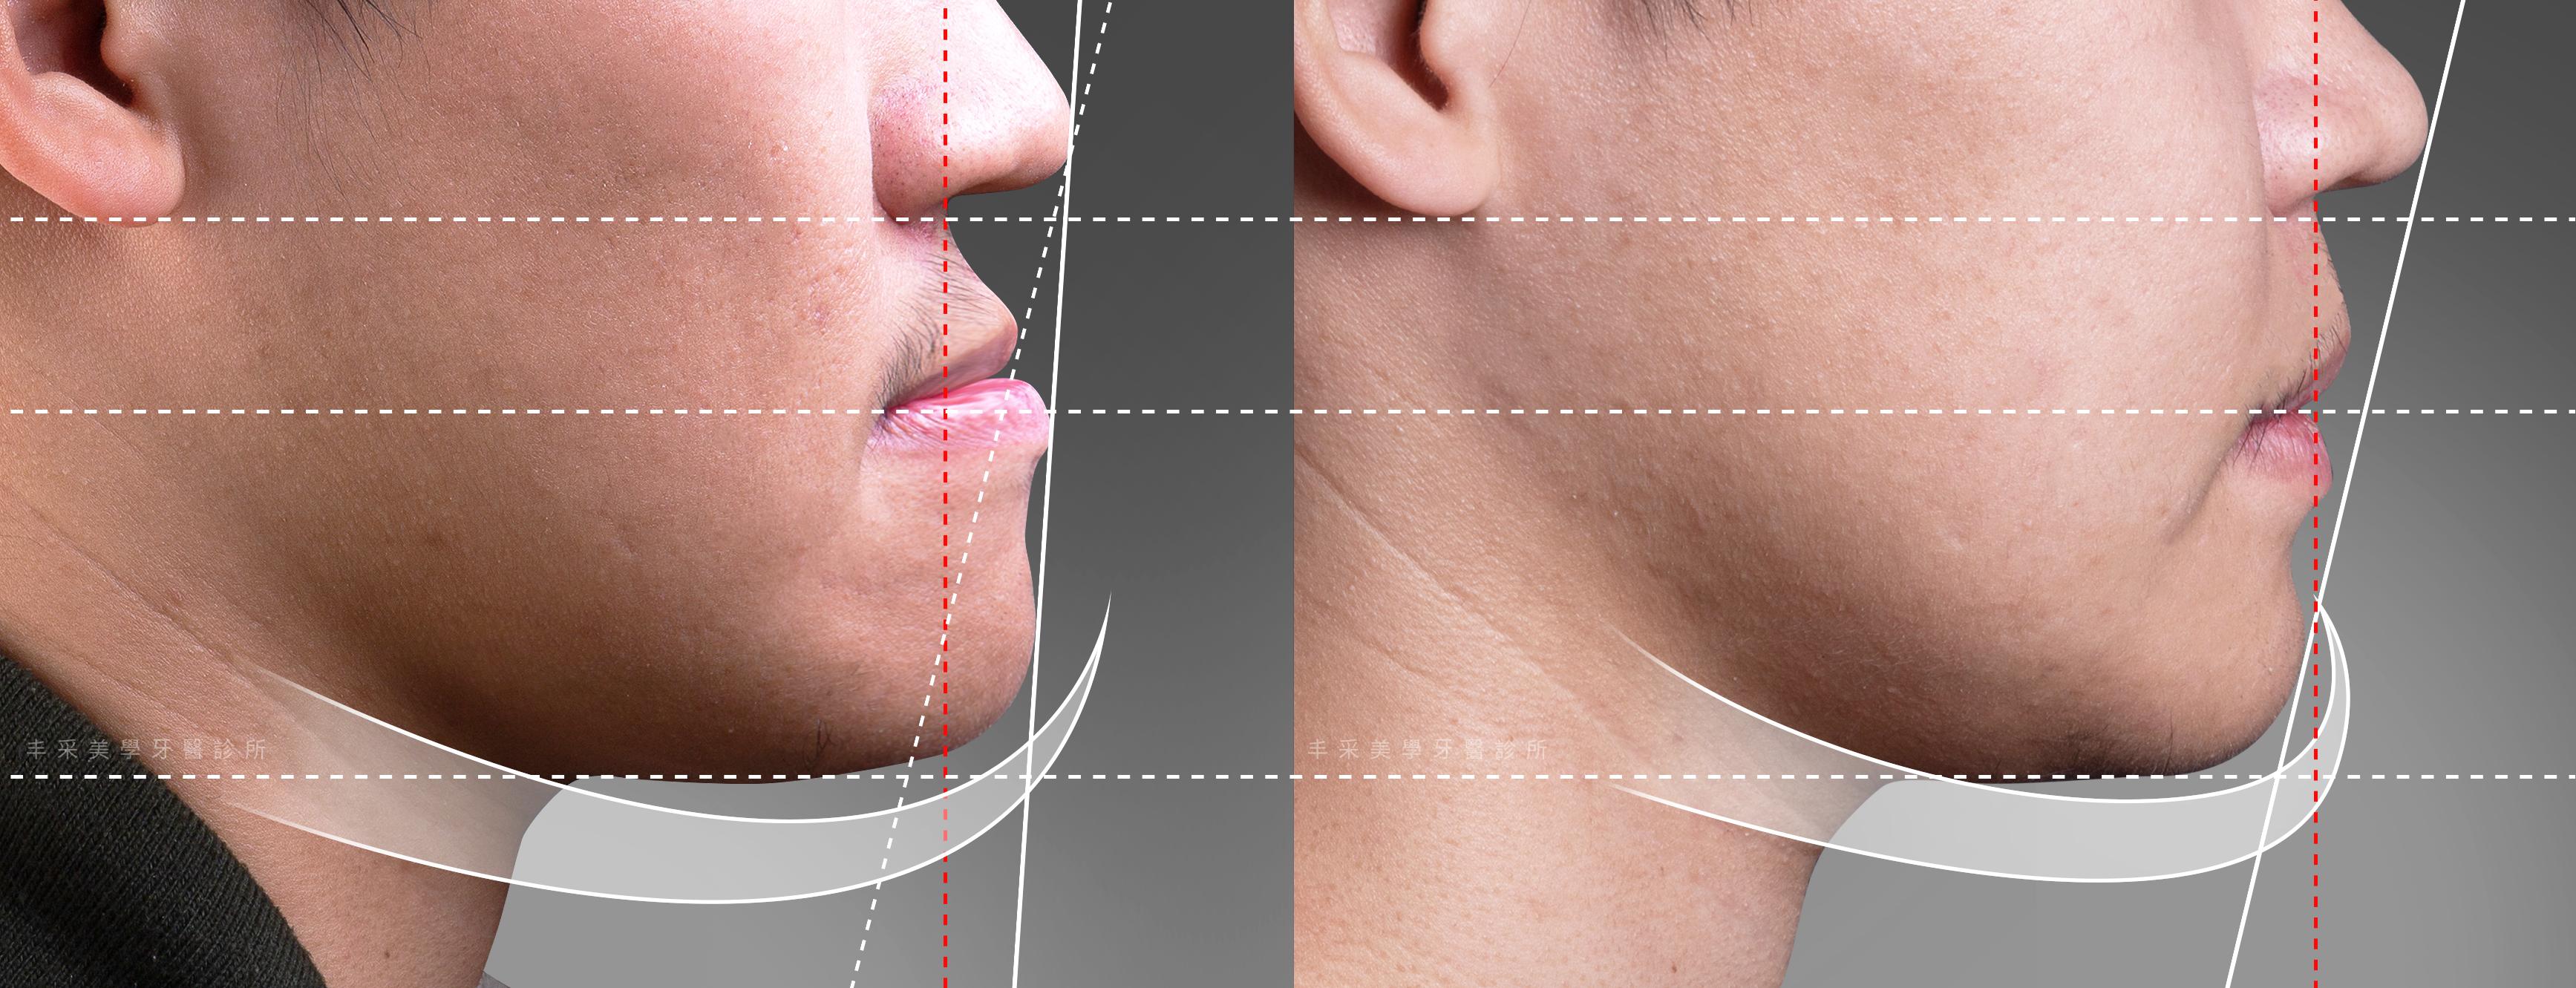 正顎手術 | 戽斗矯正案例 |Dr.Emma 蔡宜均醫師| 丰采美學牙醫診所